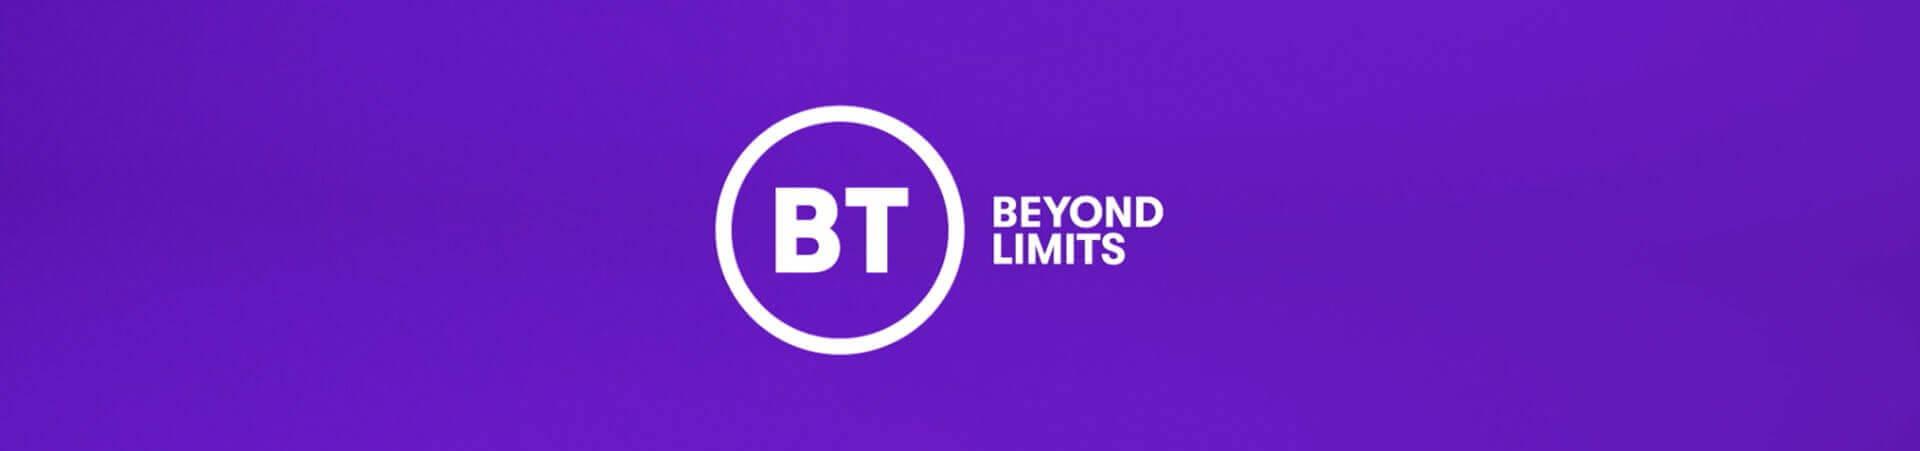 Banner Image of BT logo